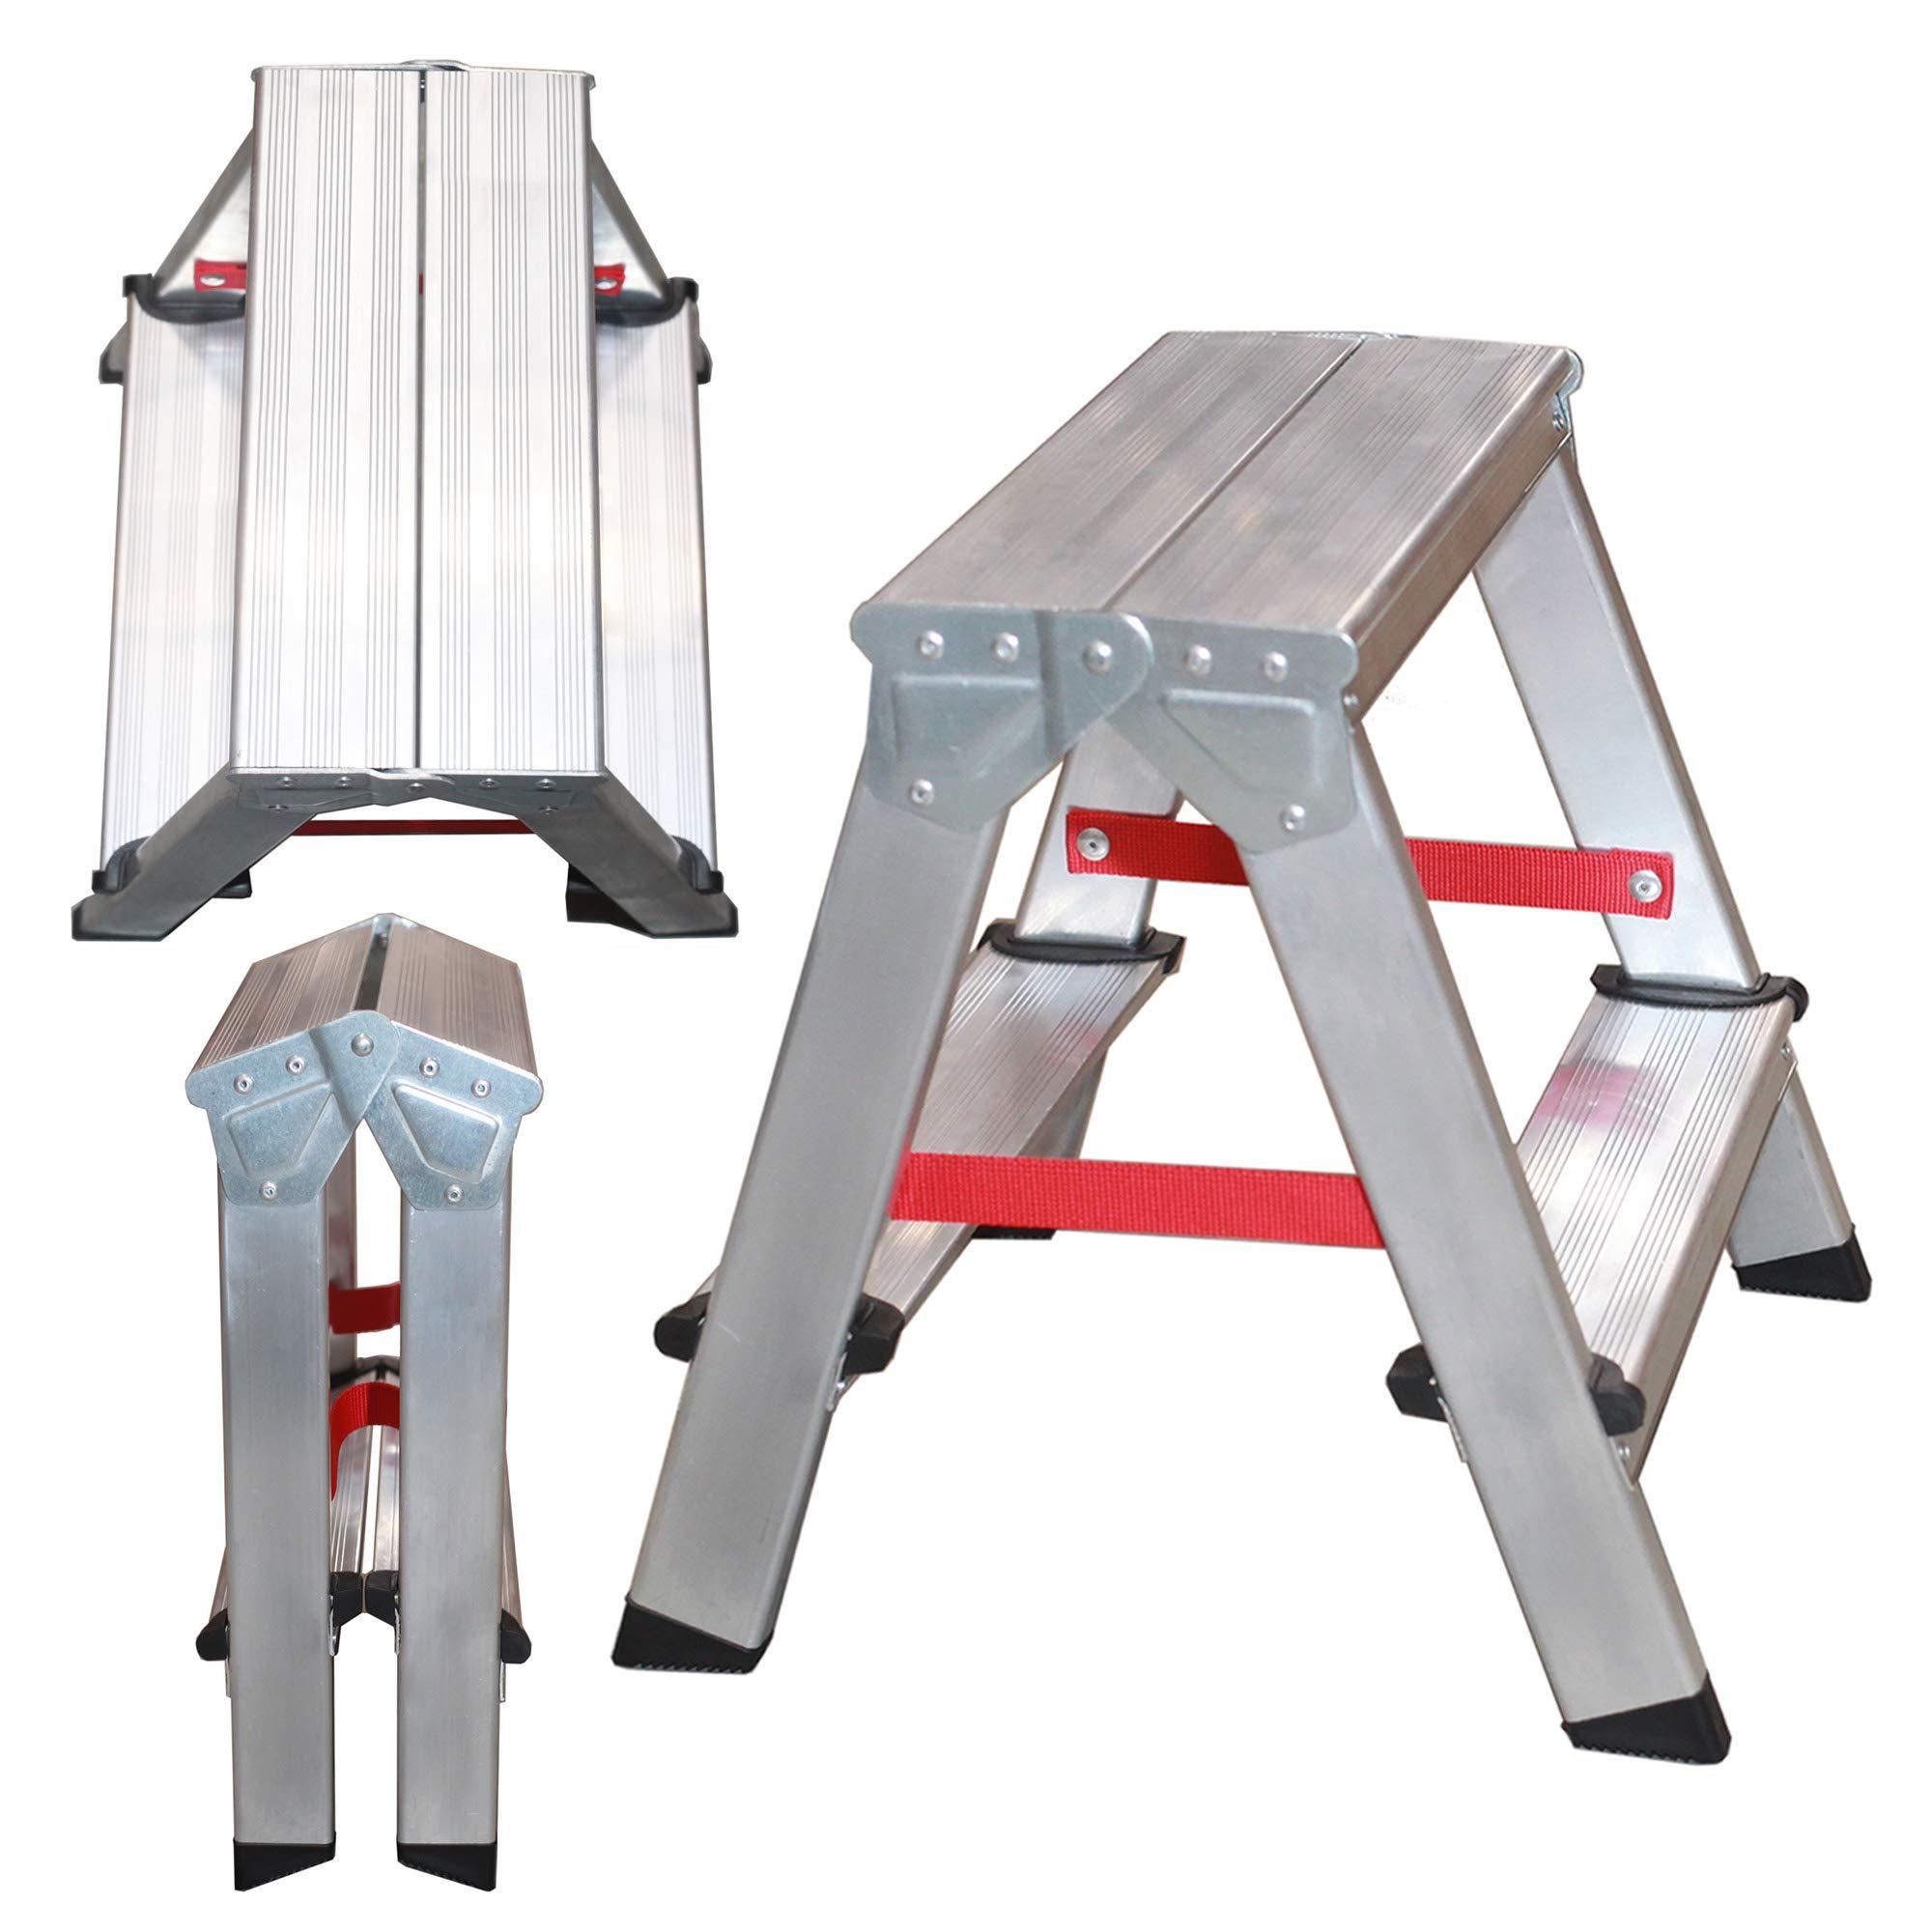 NAWA Escalera tijera doble acceso 2 Peldaños. Escadote Duplo Doméstico em Alumínio 2 degraus. EN 131 Capacidad Máx. 150 kg. Hecho en Europa (2 peldaños): Amazon.es: Bricolaje y herramientas